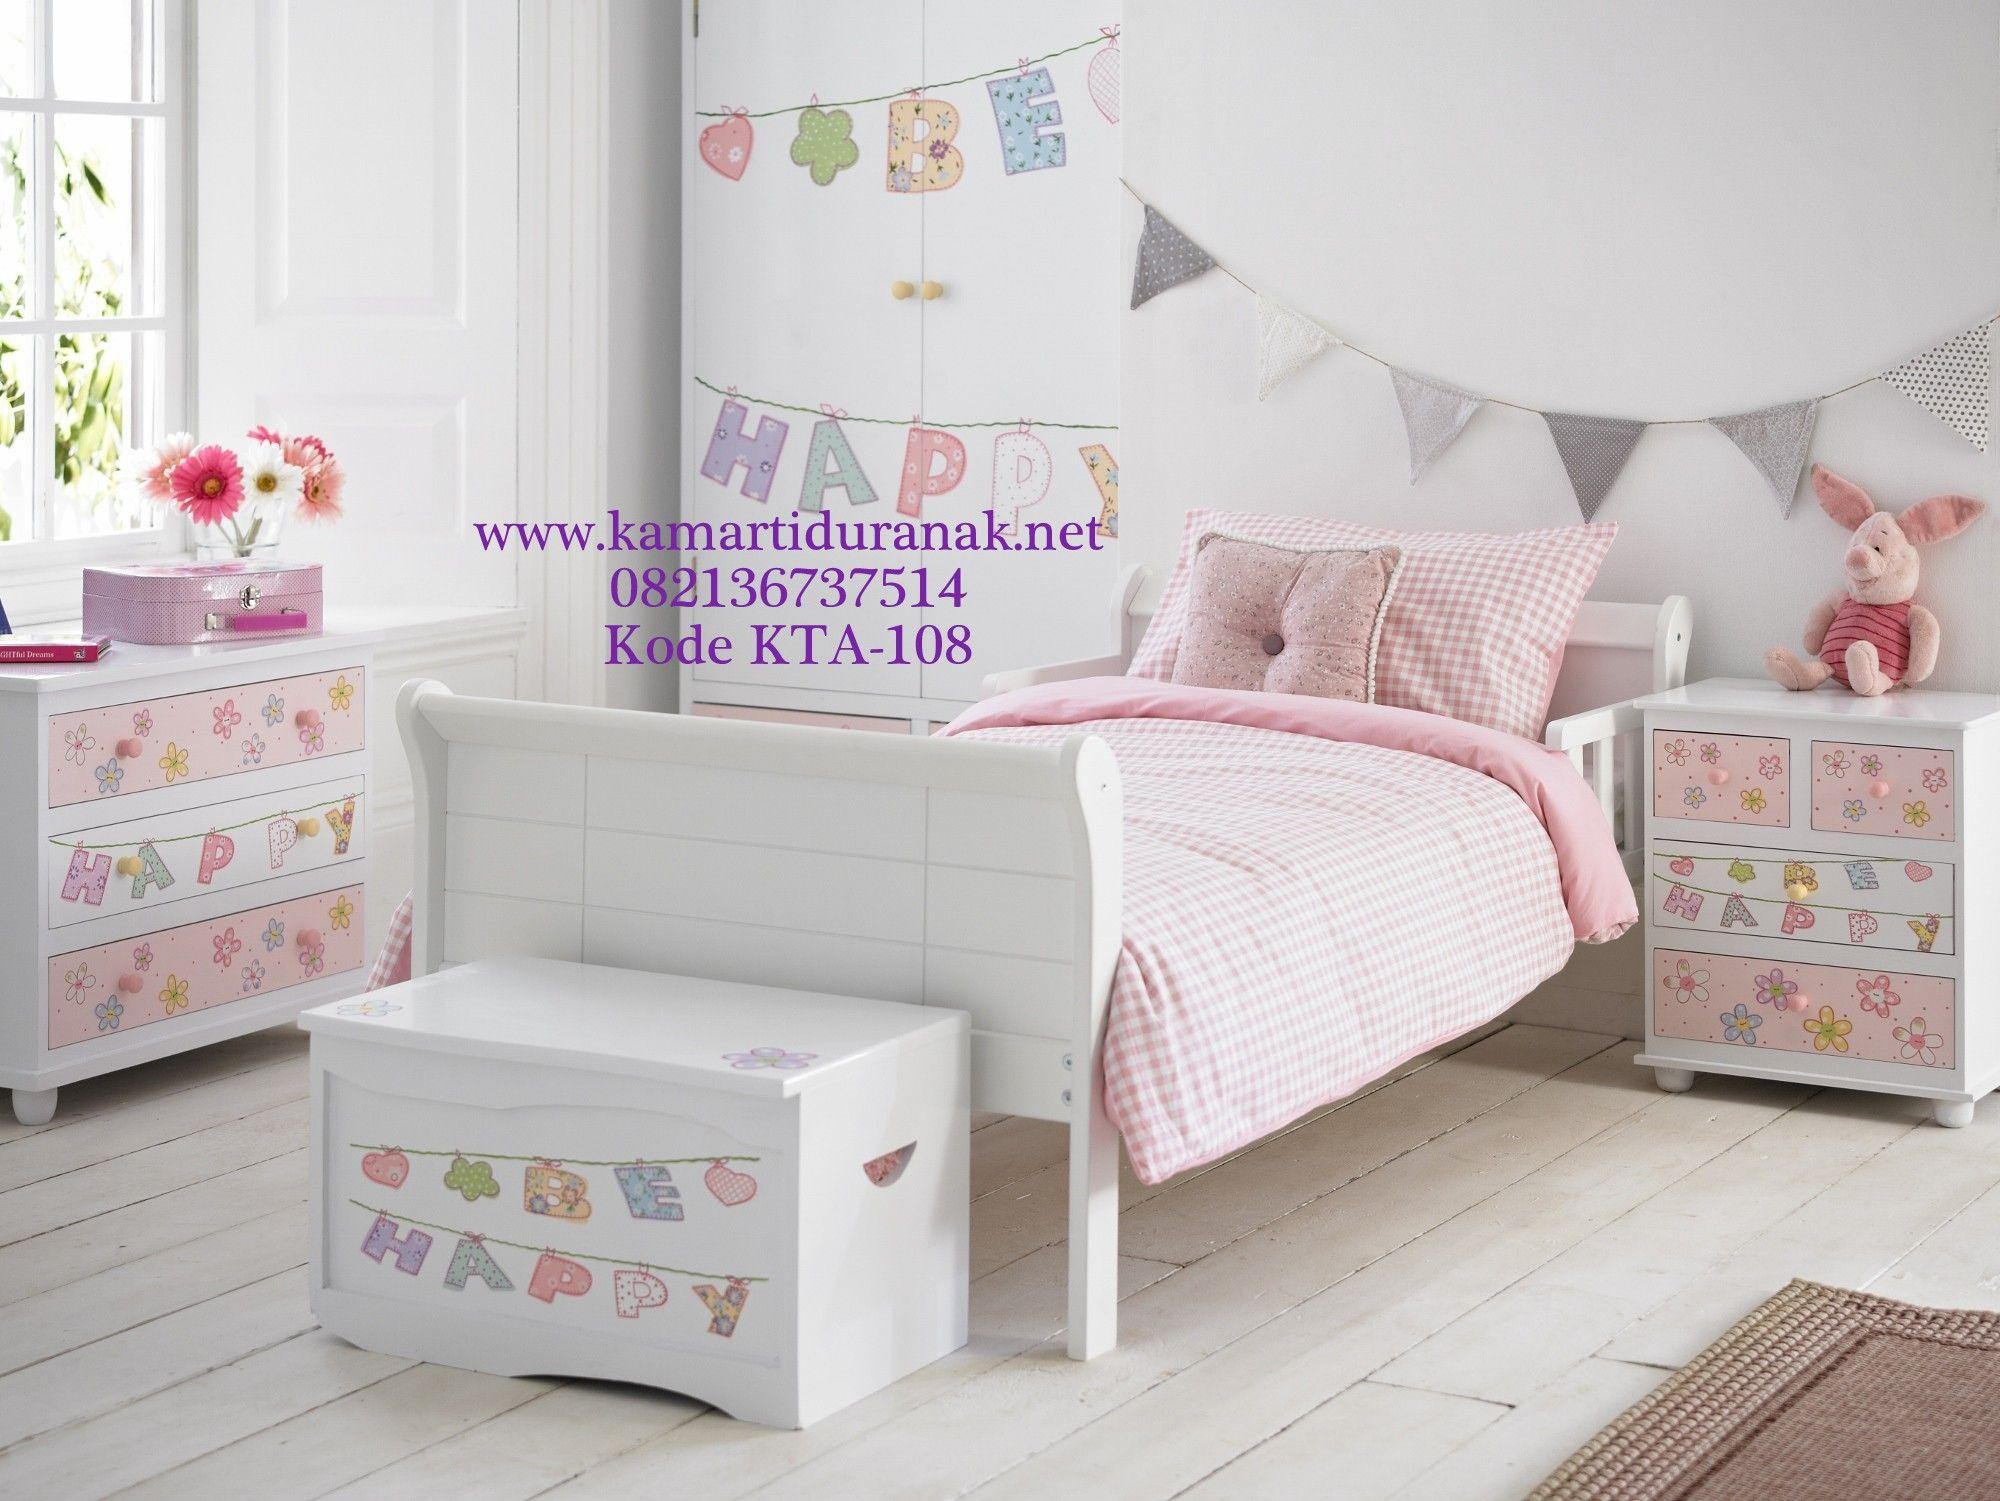 Bed cover my love anak - Model Set Kamar Anak Lukis Sederhana Untuk Perempuan Terbaru Kamar Set Anak Perempuan Karakter Pink Single